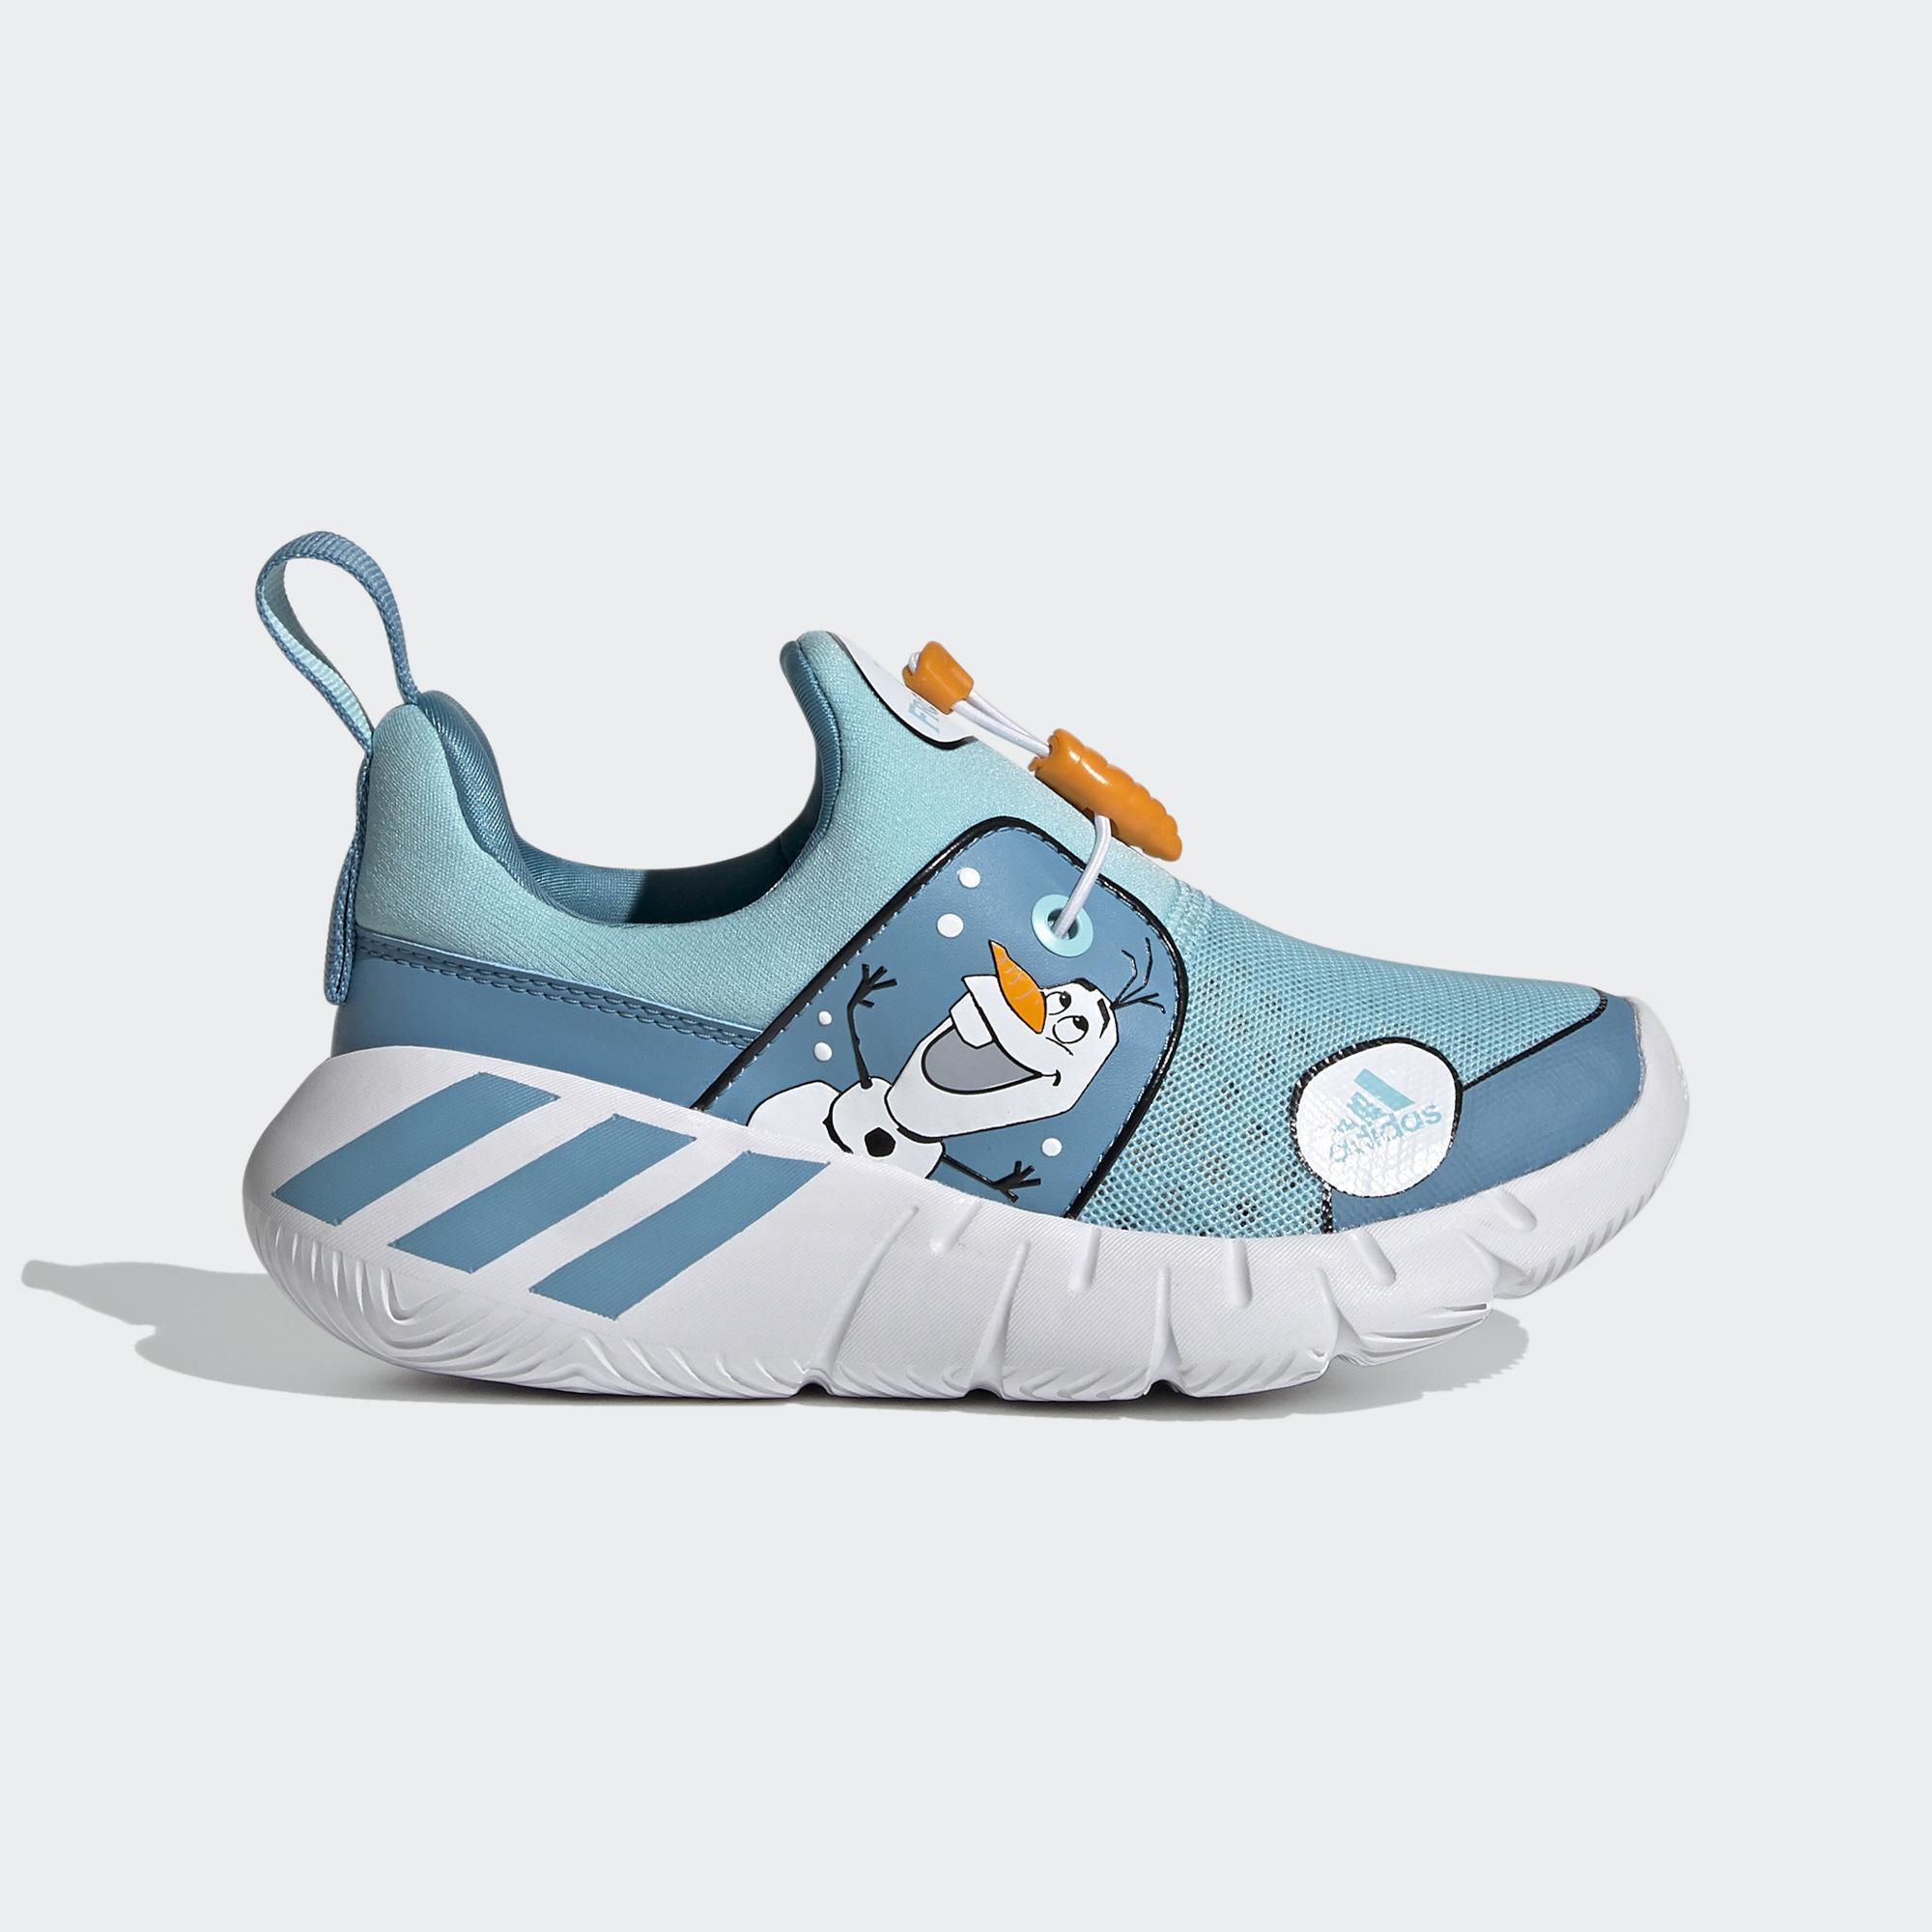 RapidaZen X FROZEN 冰雪奇緣 訓練鞋